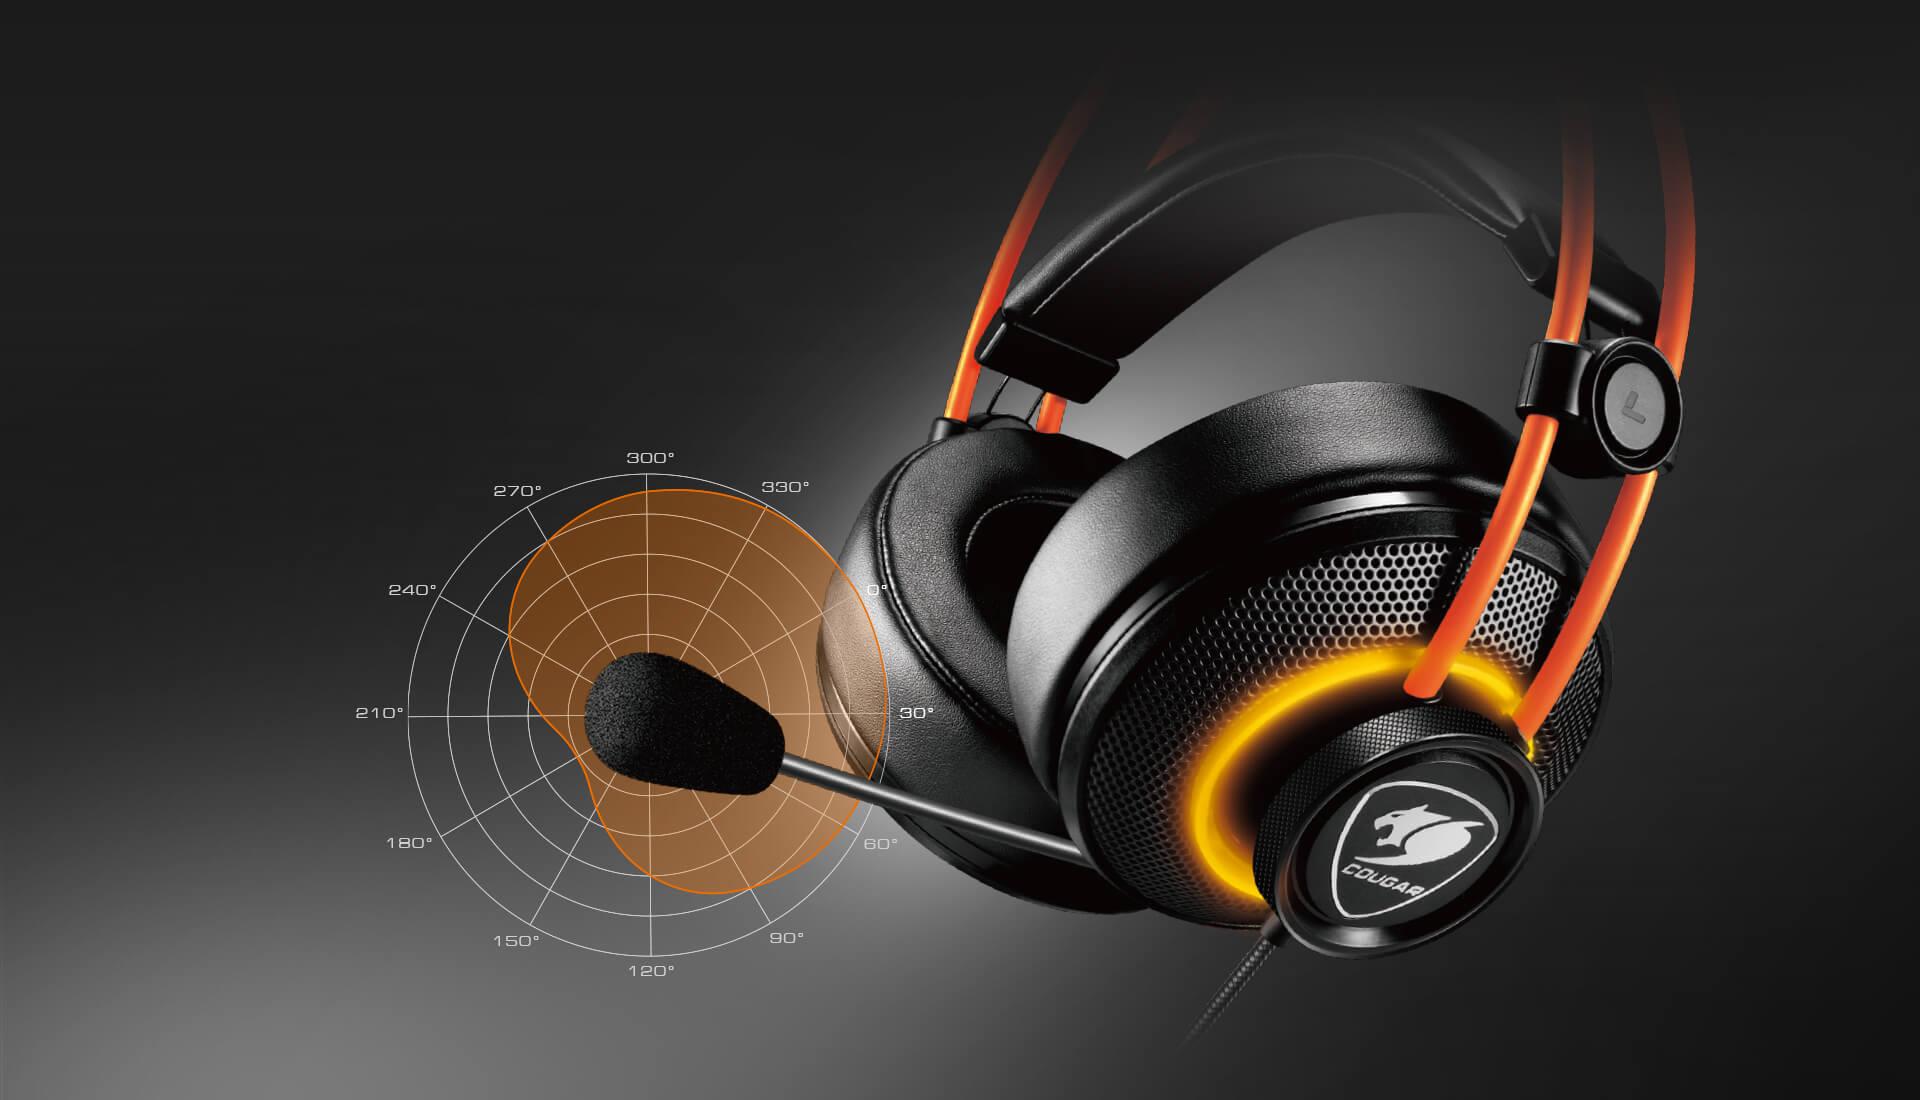 Tai nghe Cougar Immersa Pro Ti RGB - 7.1 Virtual Surround trang bị mic cardioid cho giọng nói trong trẻo